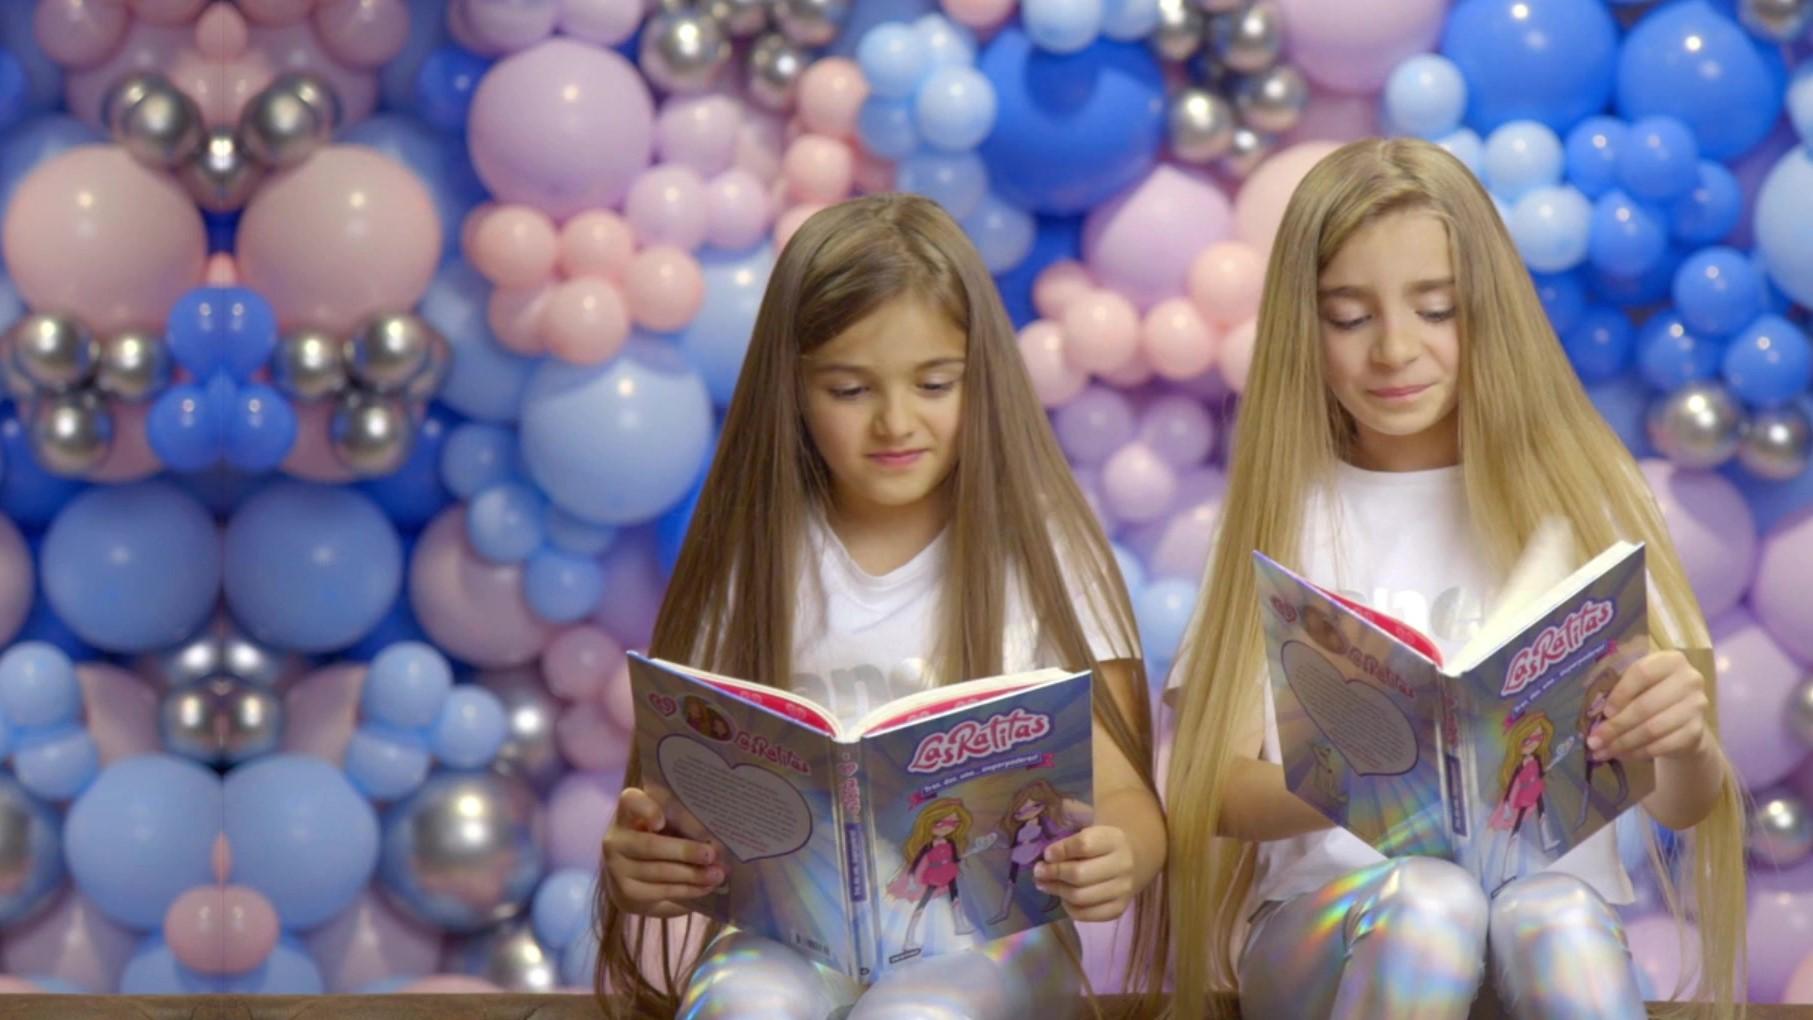 Gisele Itarte Recomendamos Estos Libros A Quienes Les Guste Nuestro Canal Nuestros Vídeos Y A Quienes Les Guste Leer Crea Lectura